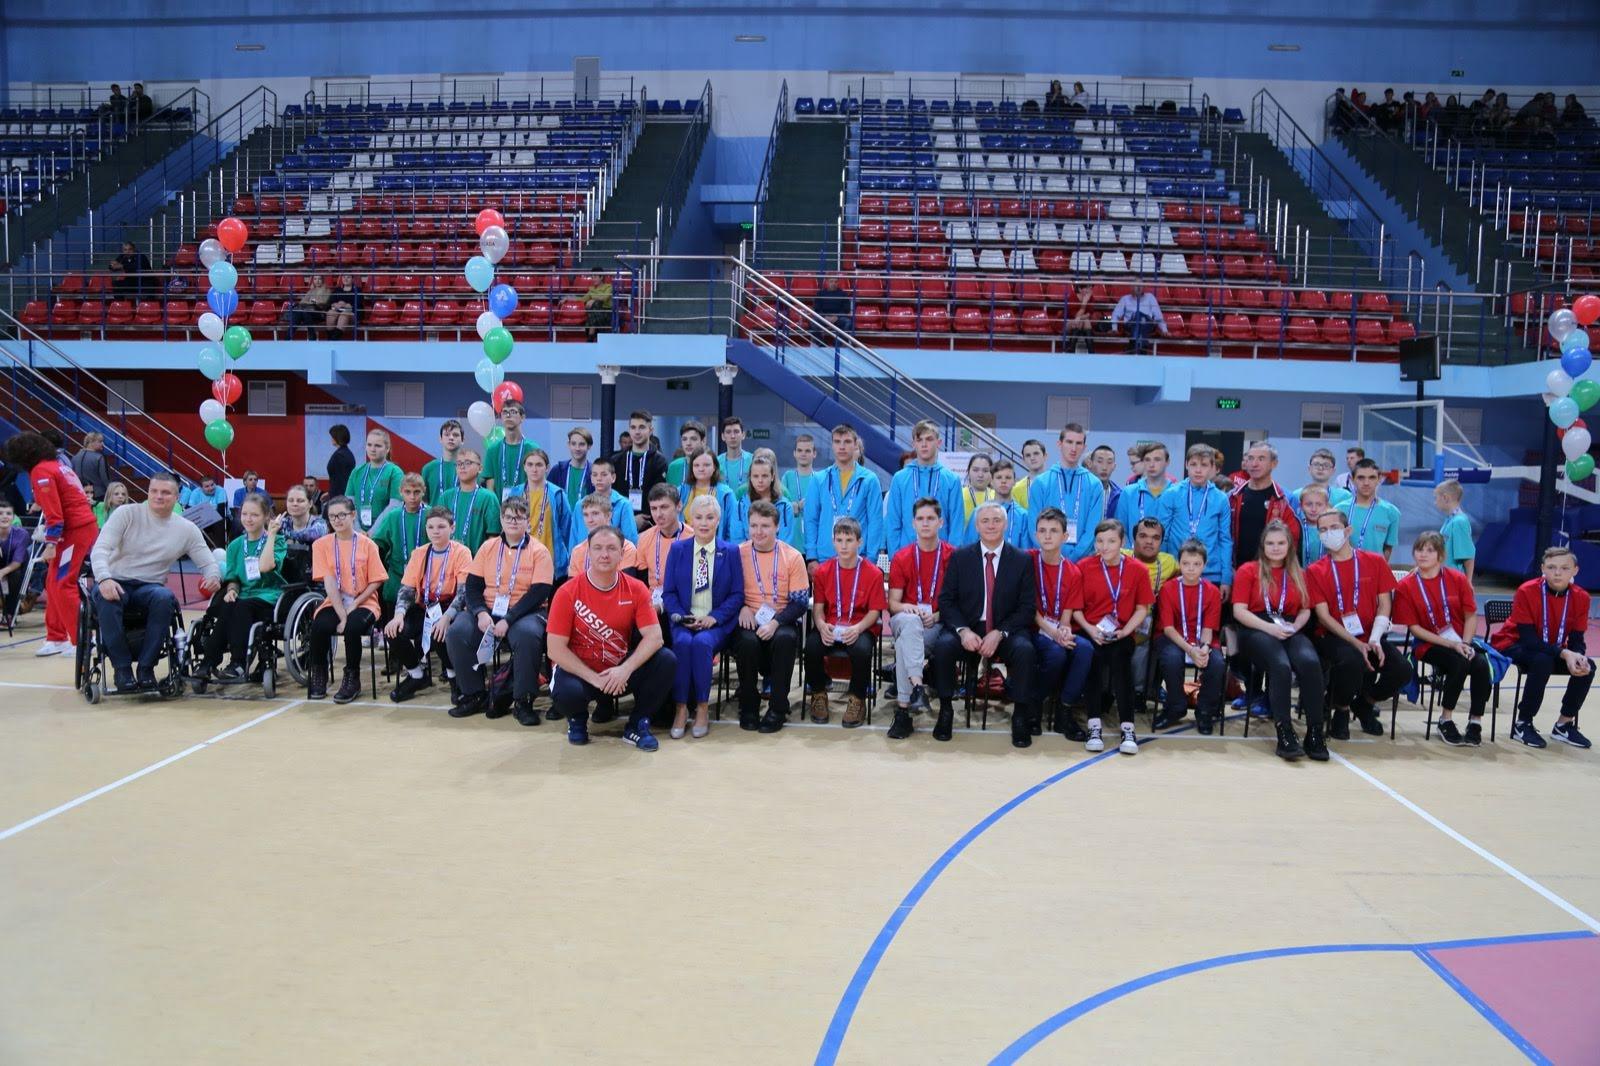 ПКР совместно с Белгородской Федерацией адаптивного спорта в г. Белгороде (Белгородская область) провели Паралимпийский урок